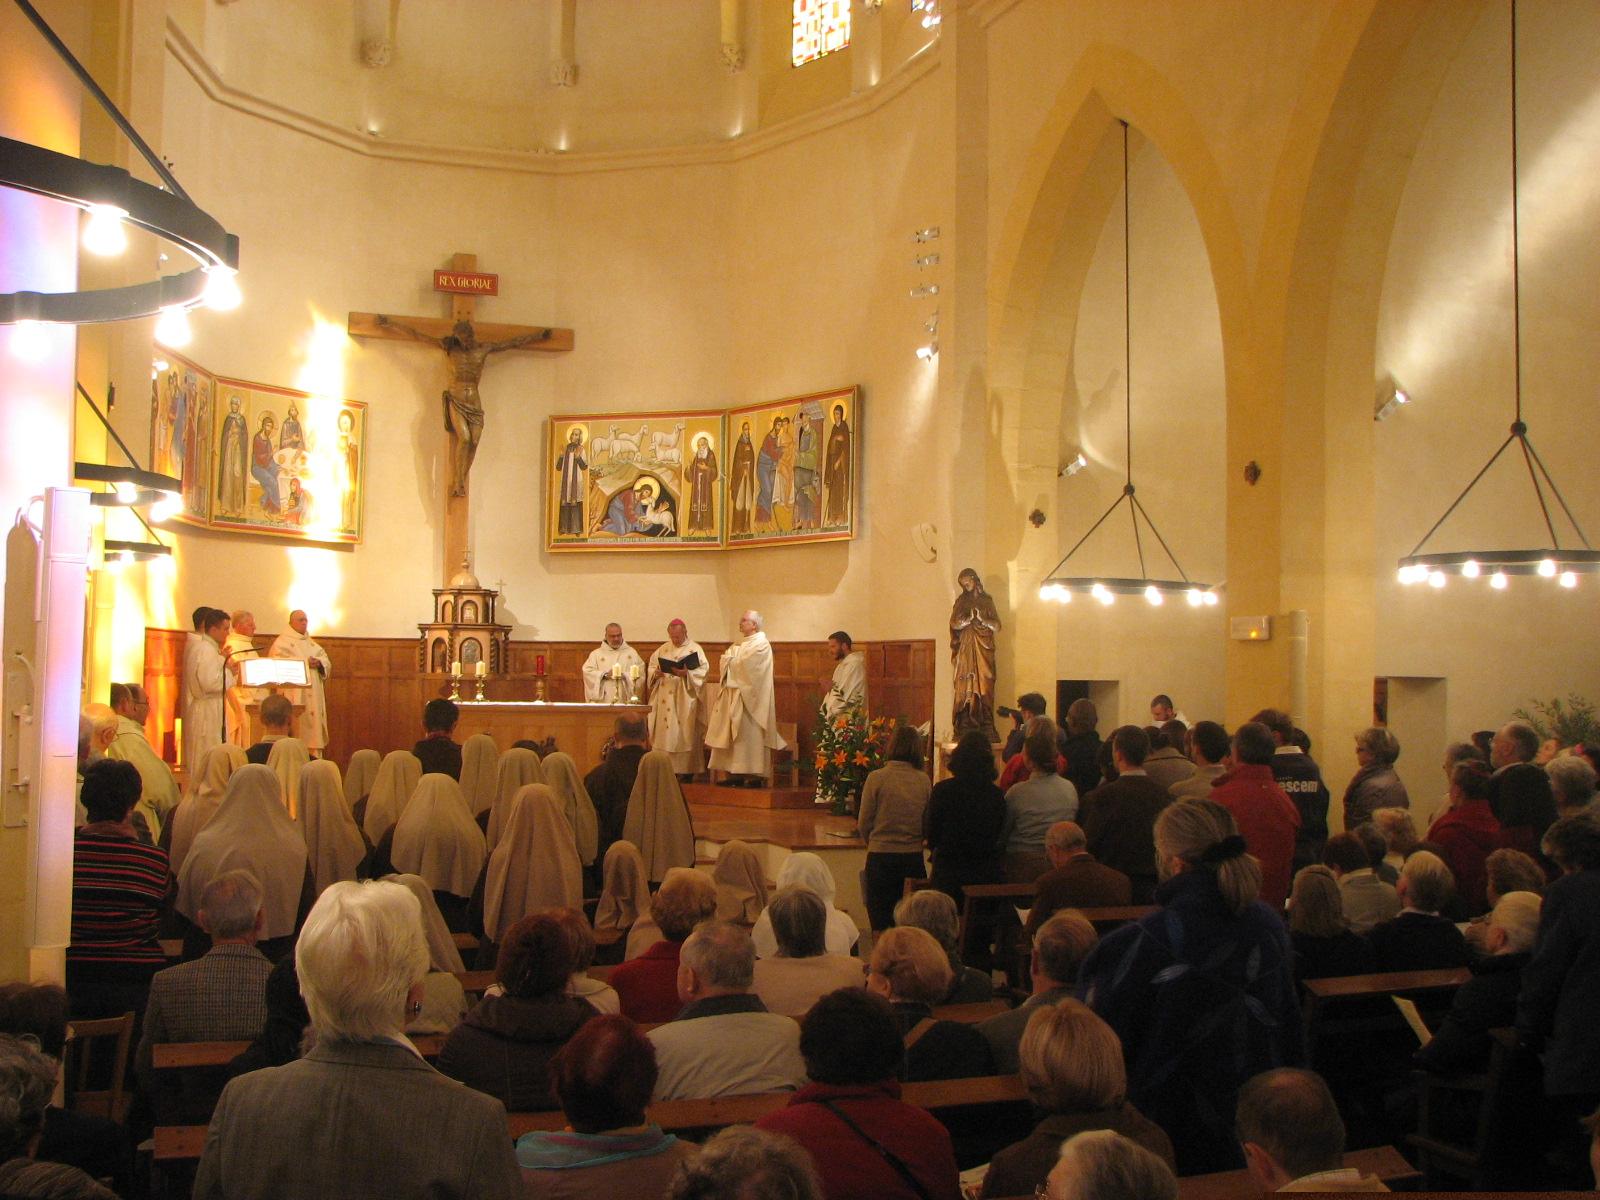 Messe d'inauguration de la chapelle, après restauration, le 4 octobre 2008